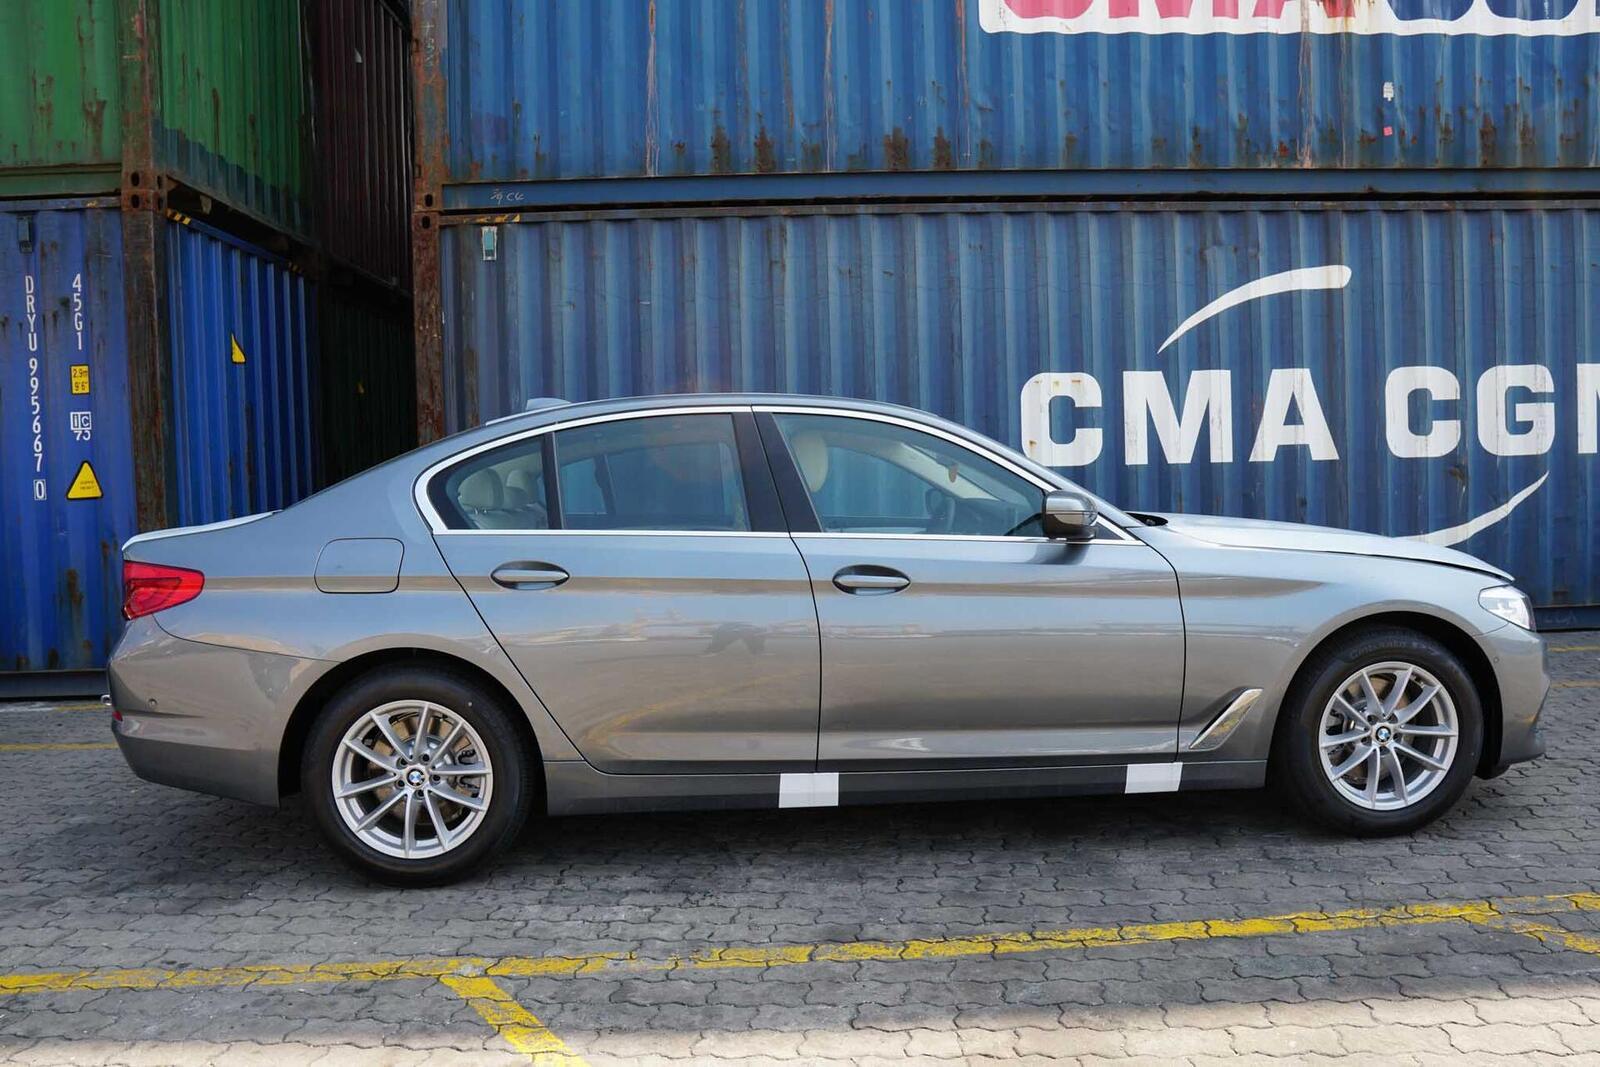 Cận cảnh BMW 5-Series mới (G30) vừa cập cảng tại Việt Nam - Hình 3